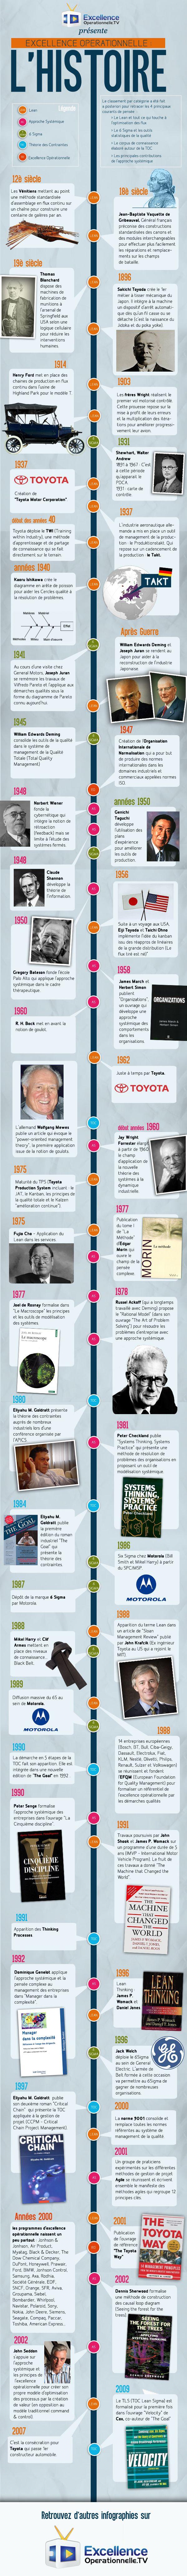 Vues : 6 Après l'infographie du DMAIC, voici l'infographie de l'Histoire de l'excellence opérationnelle. Merci à tous les membres de la communauté d'EOTV pour avoir participé à l'amélioration de cette frise historique ! Voici la dernière version (du 04/12/2012) A faire passer autour de vous sans modération…